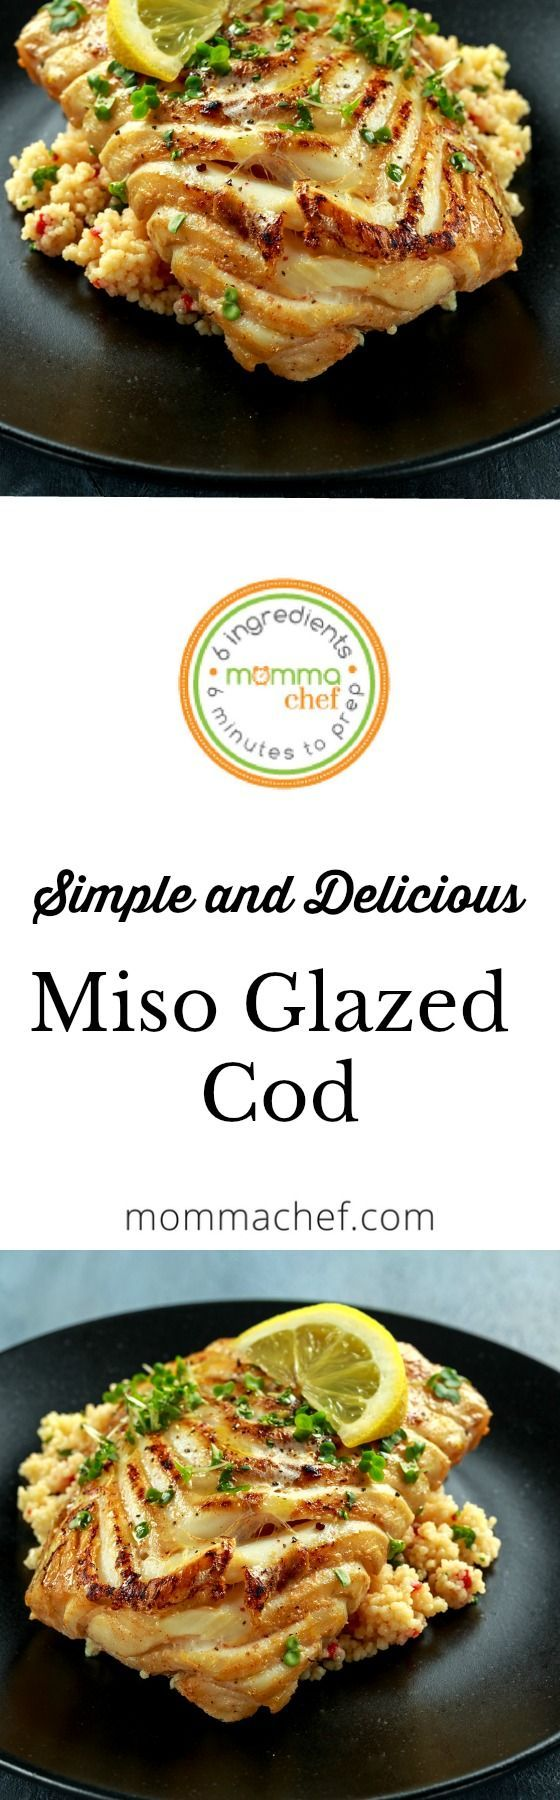 Miso Glazed Cod #athletefood